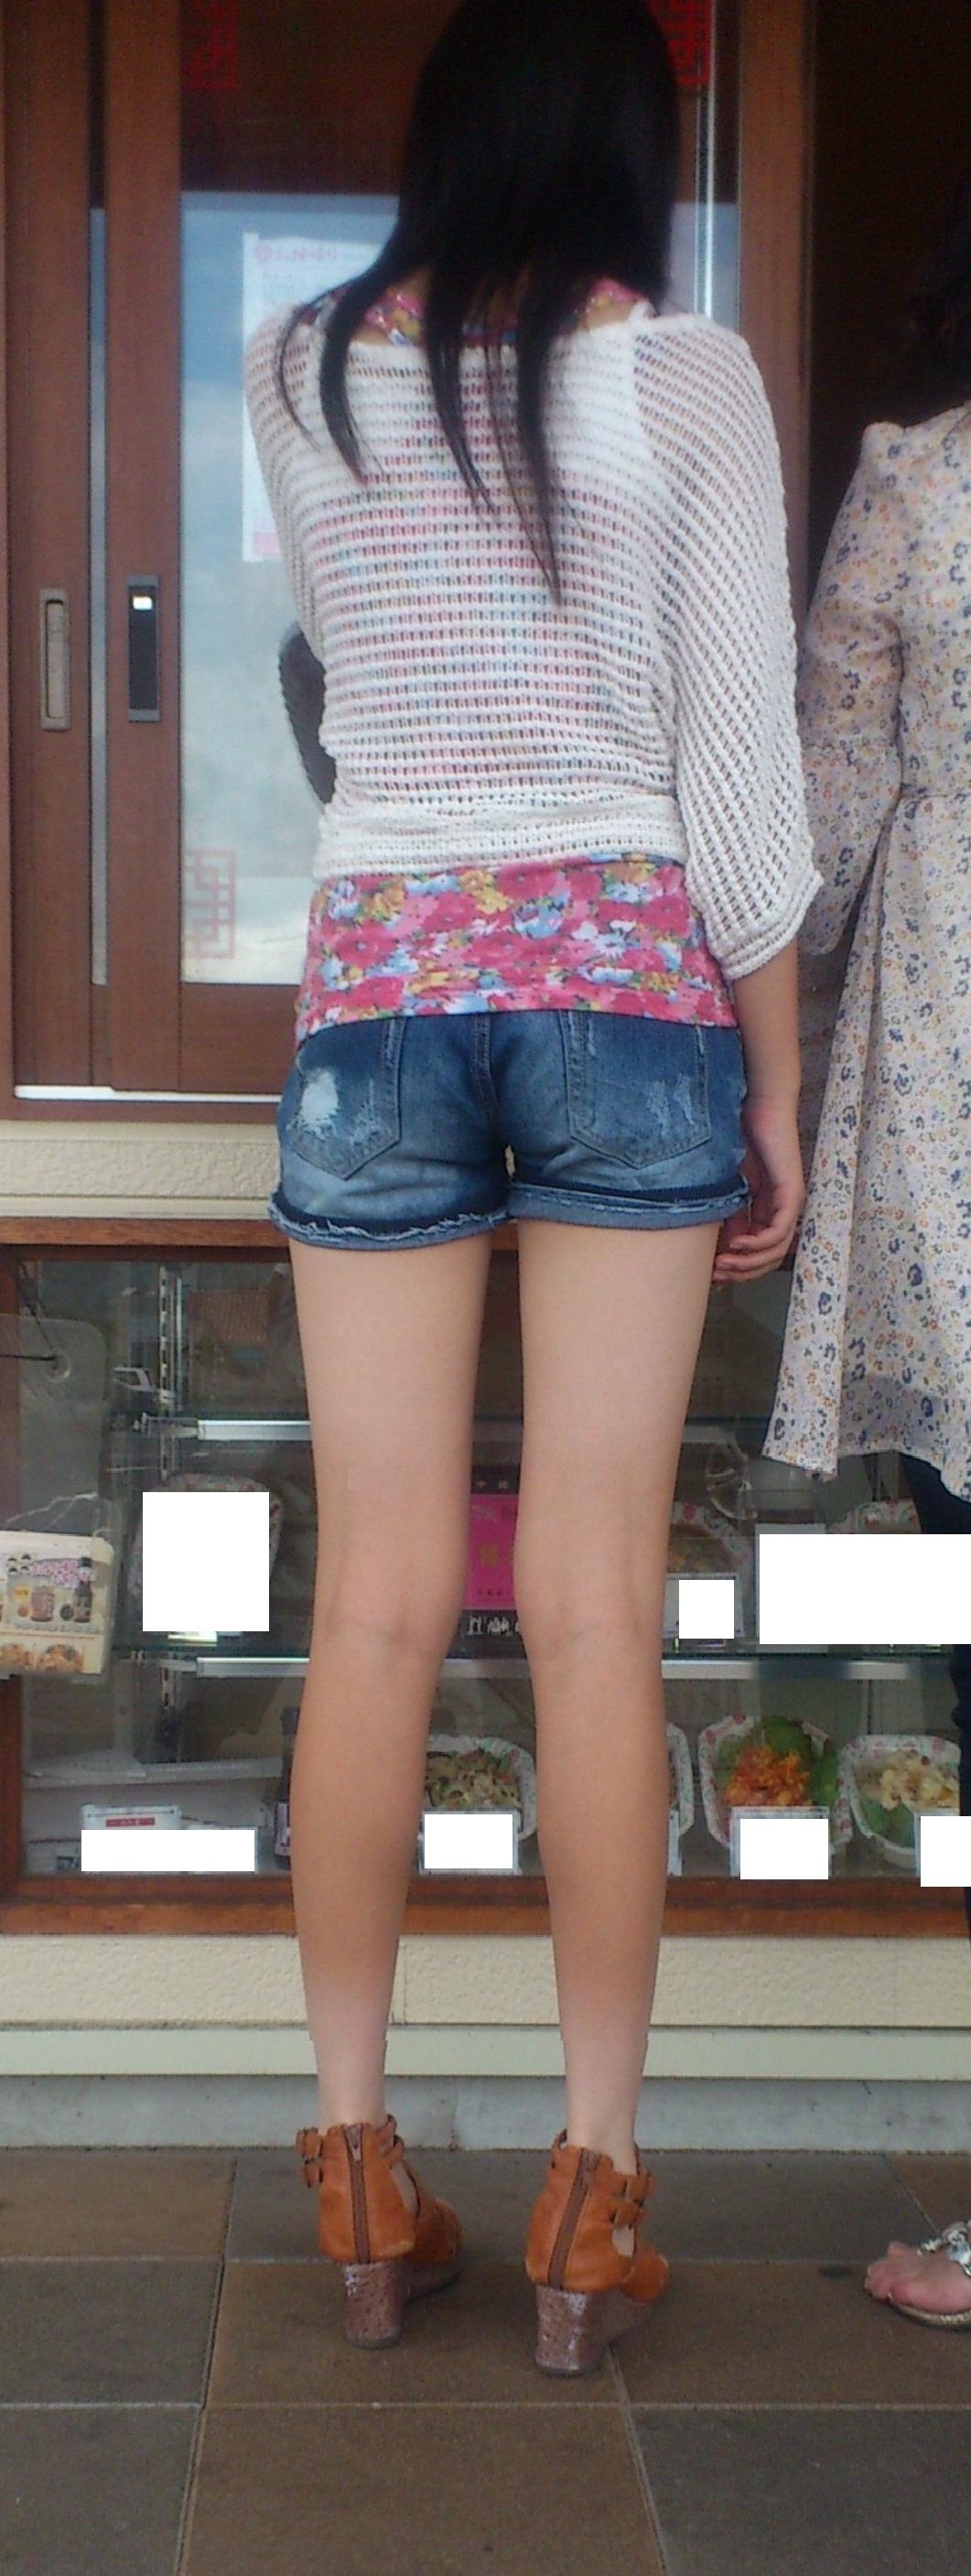 【街撮り素人画像】穏やかな地方で見つけたパンスト要らずの生美脚たち 06